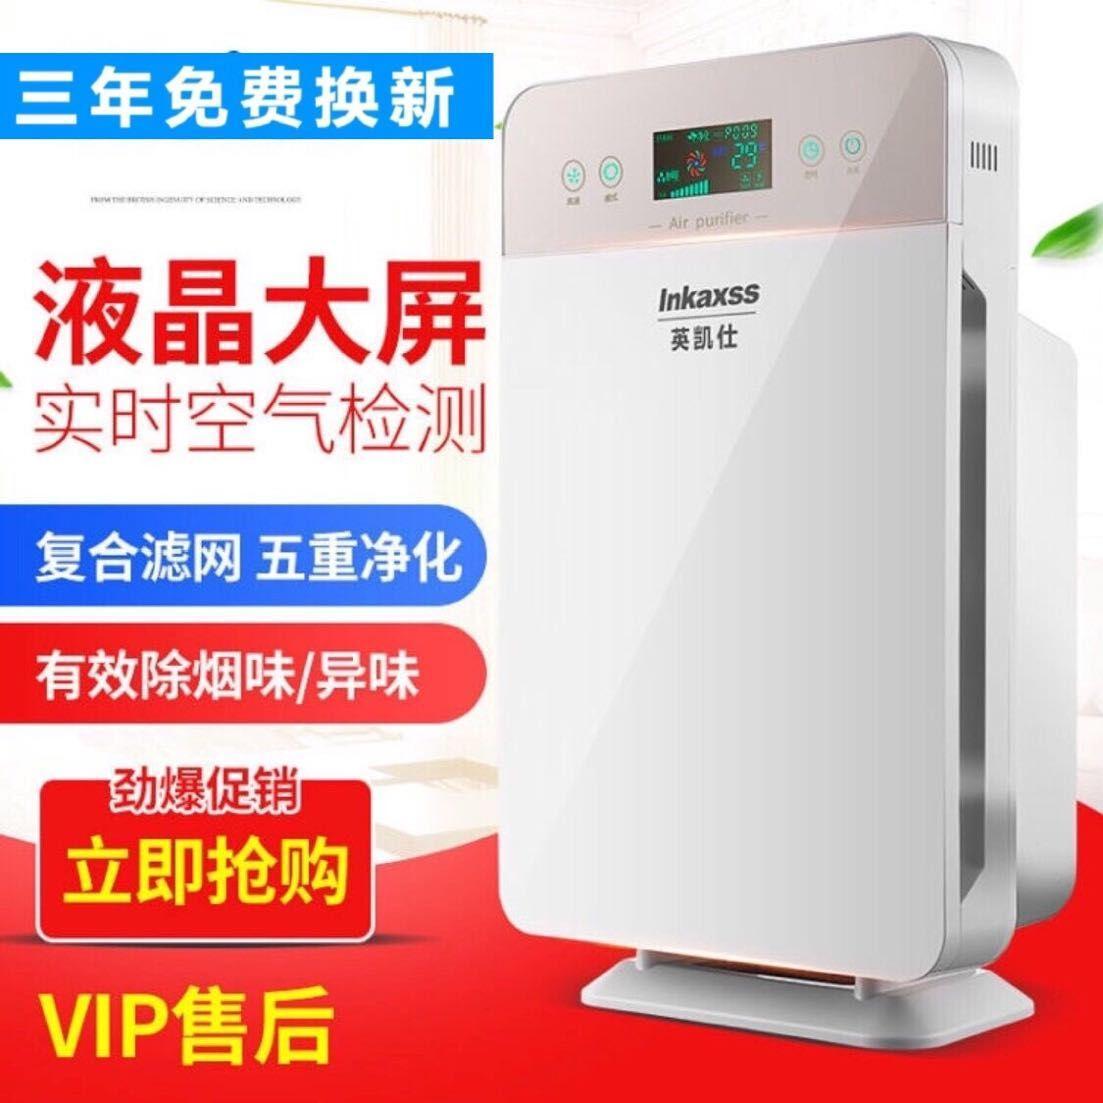 [拂升企舰店空气净化器]美的品质小型空气净化器家用卧室室内去月销量0件仅售209元